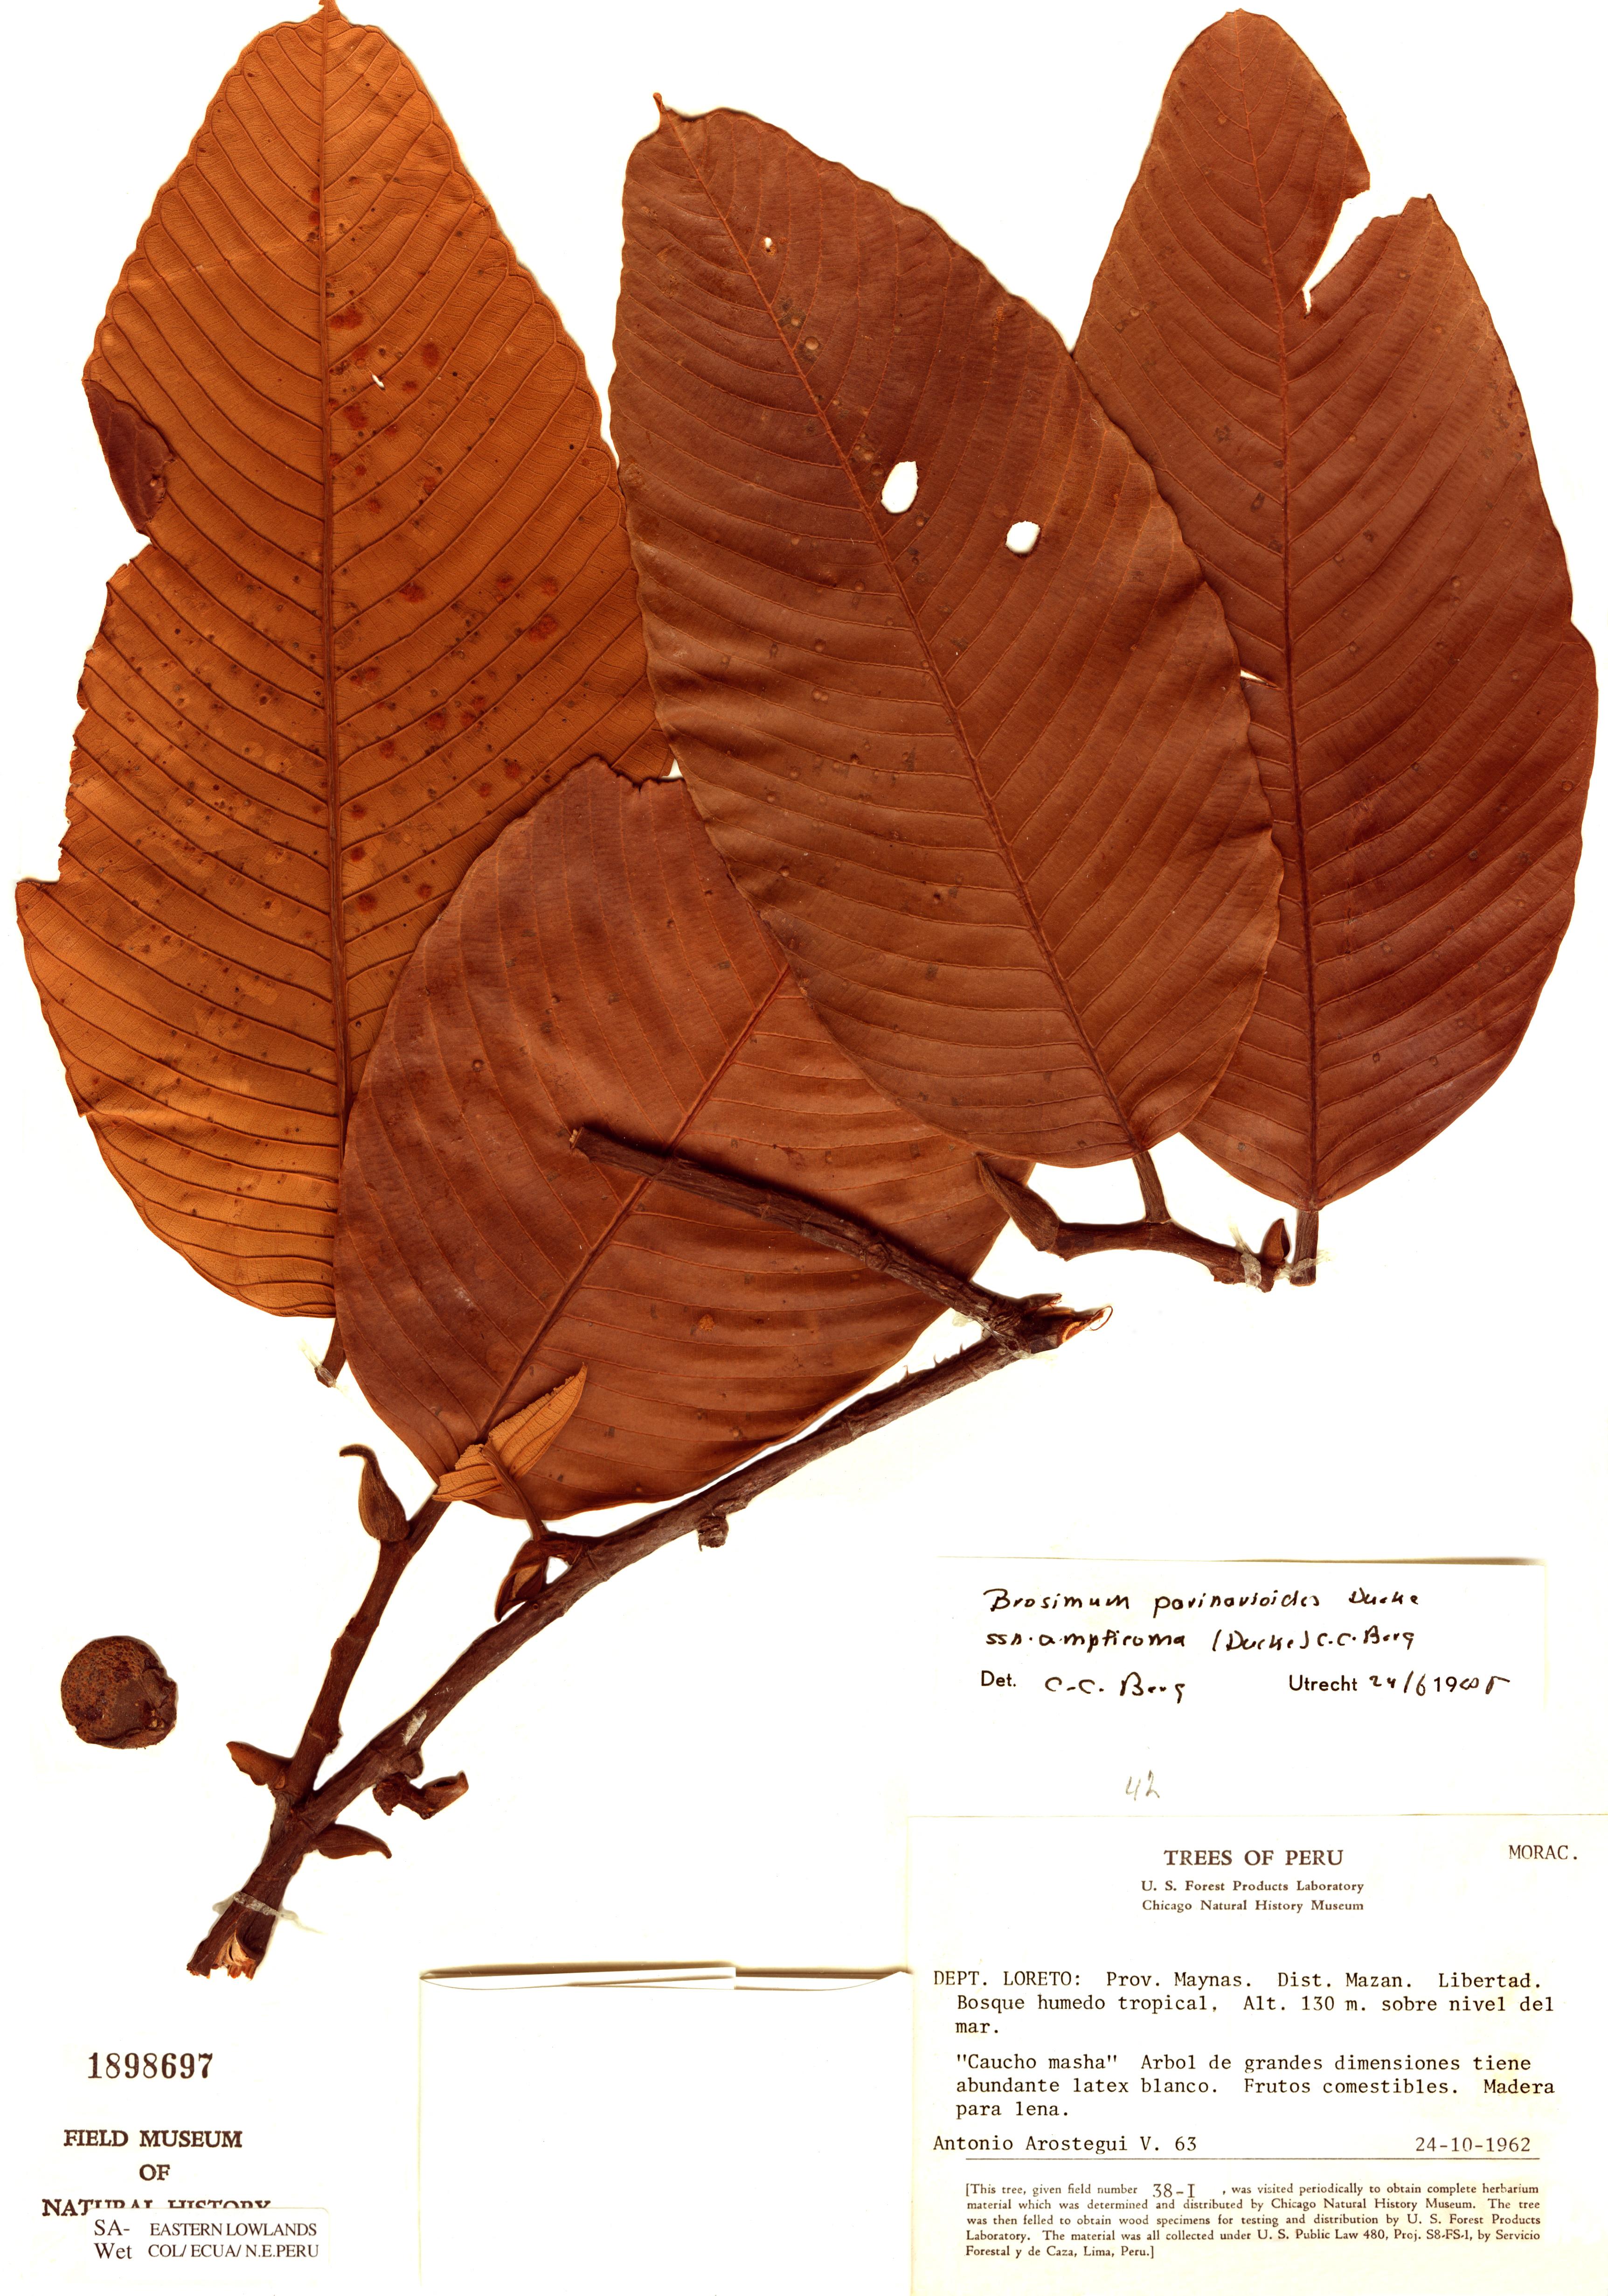 Specimen: Brosimum parinarioides